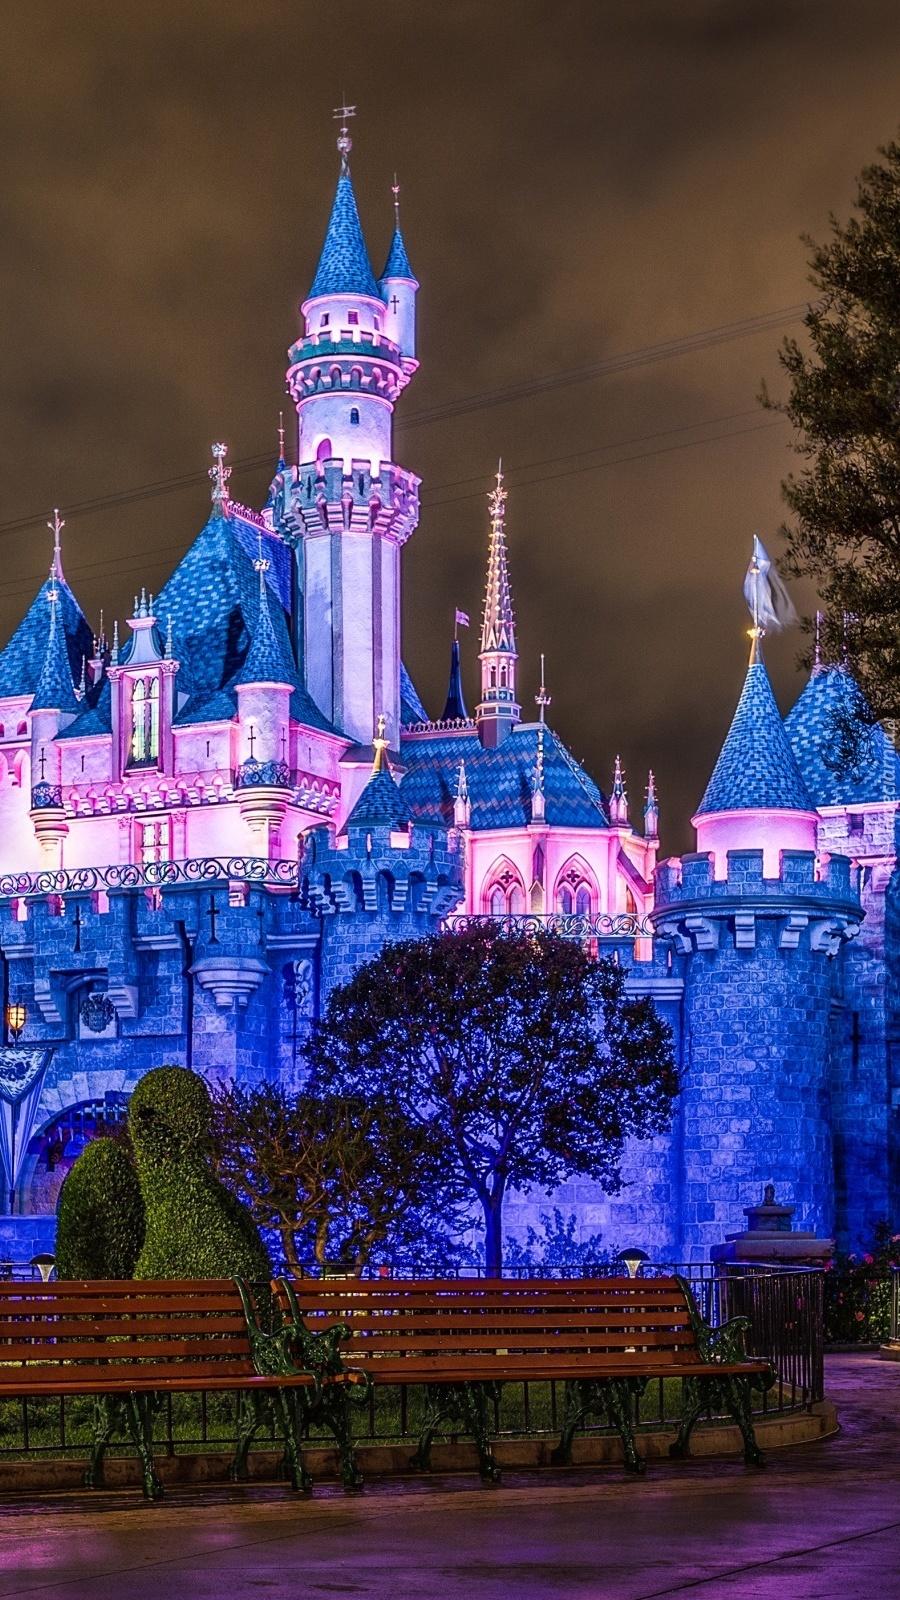 Zamek w Disneyland